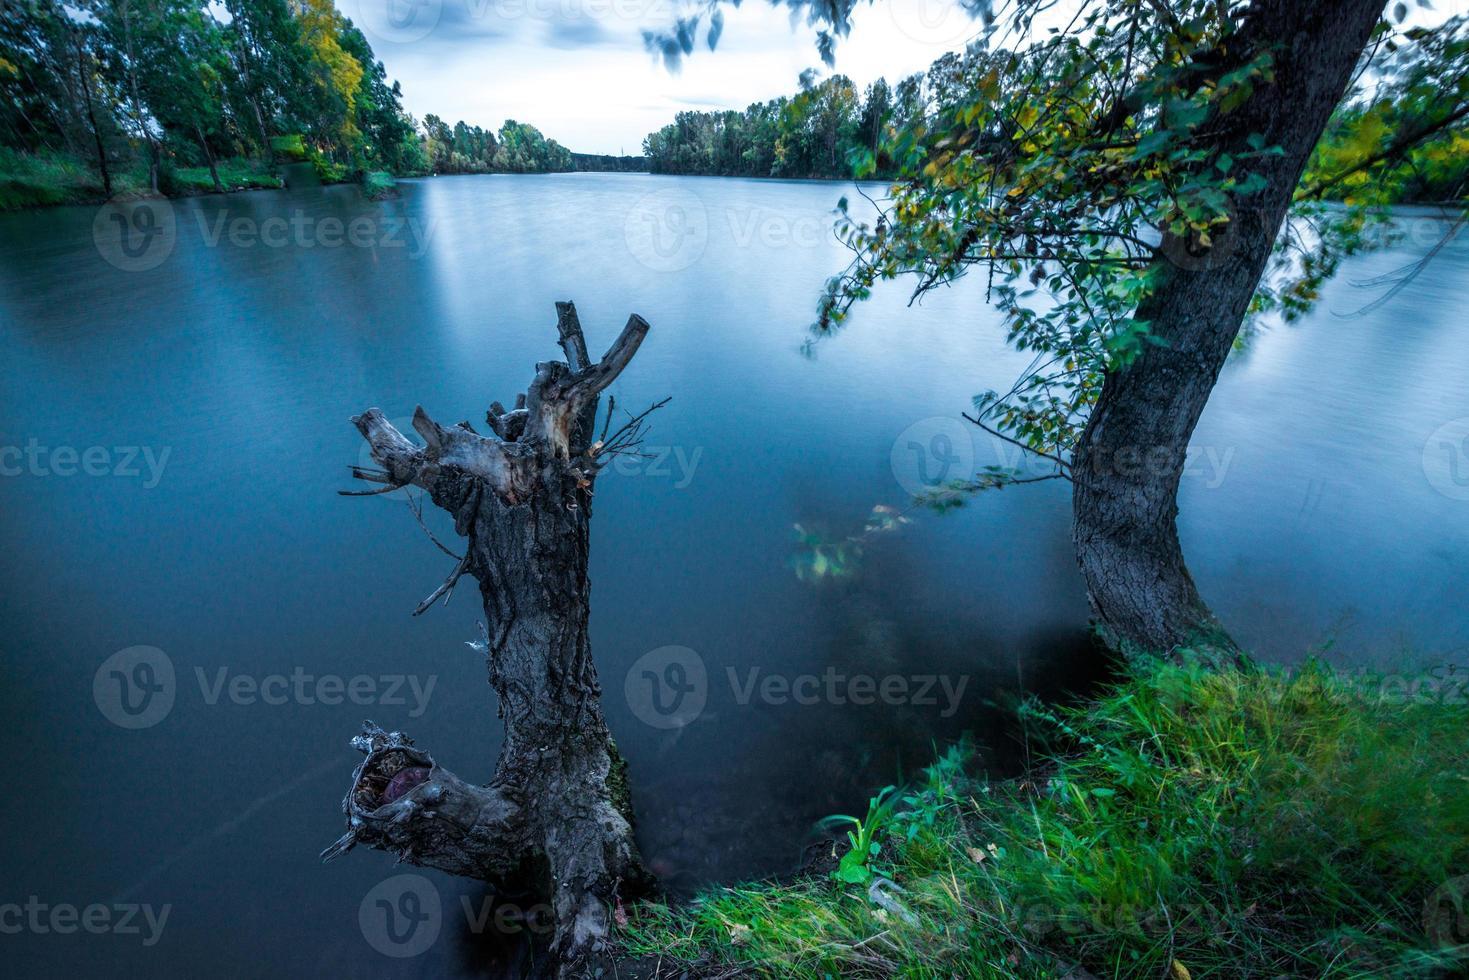 lago tranquilo foto